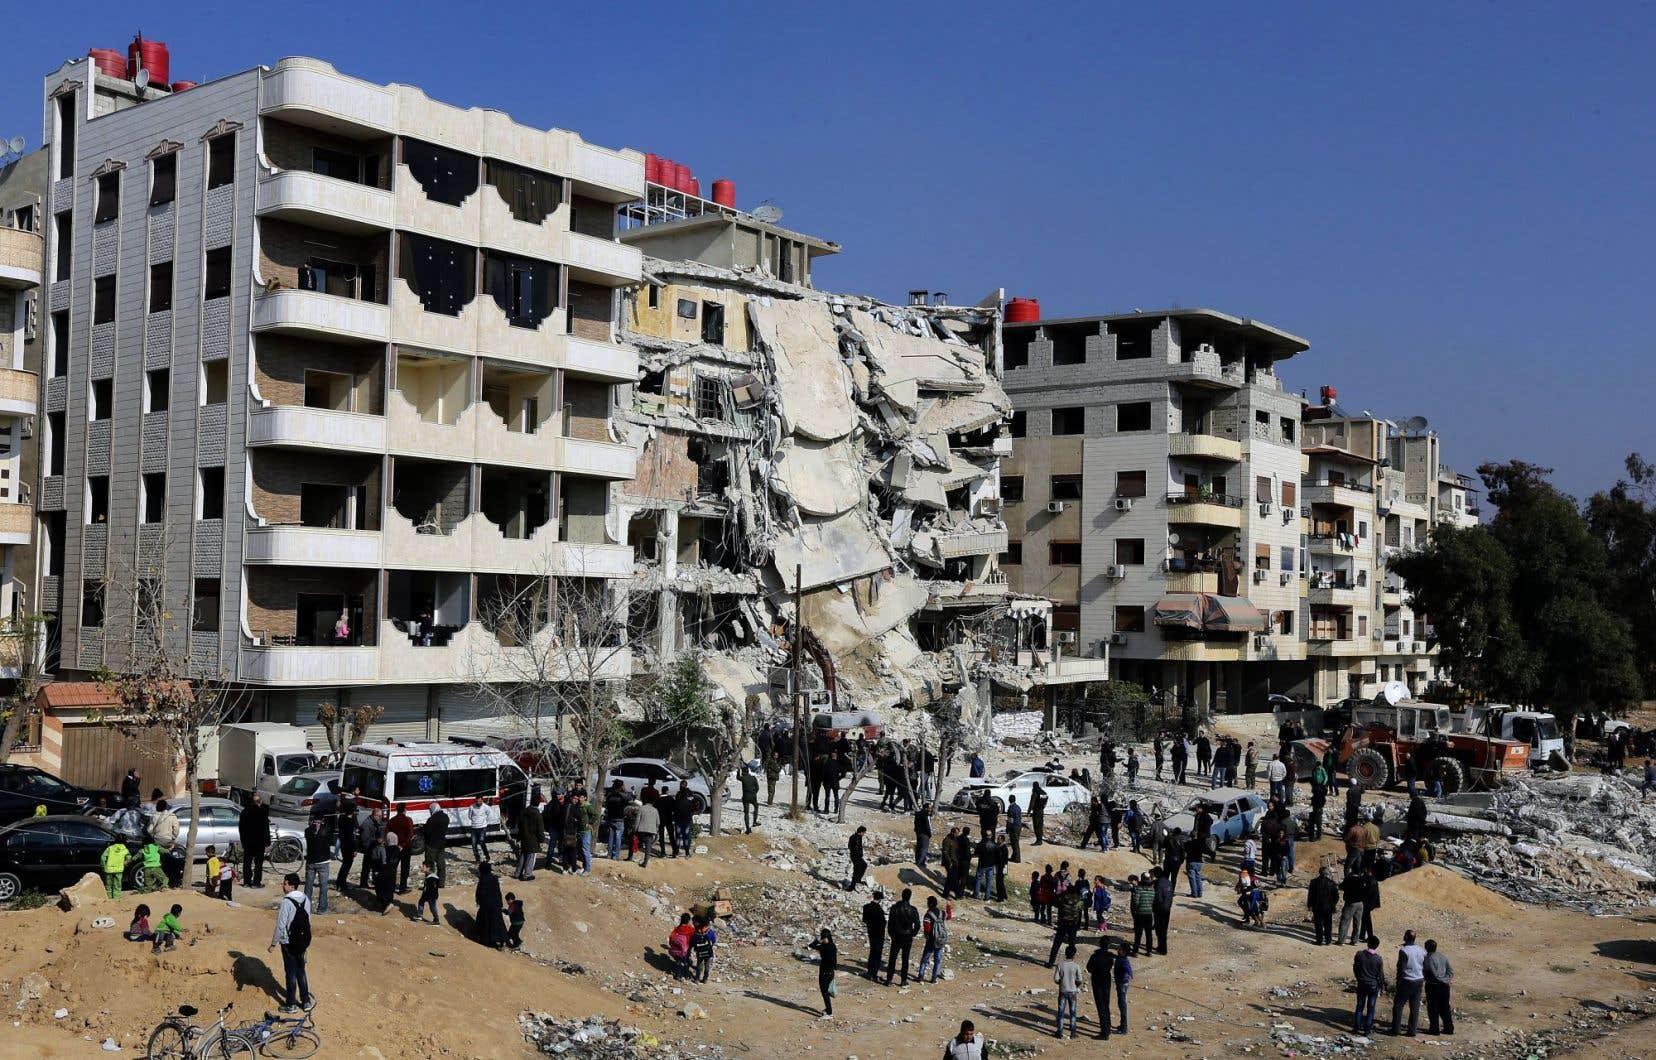 Dimanche, on tentait de désencombrer le site de l'attaque où aurait été tué Samir Kantar à Jaramana, au sud-est de Damas en Syrie.